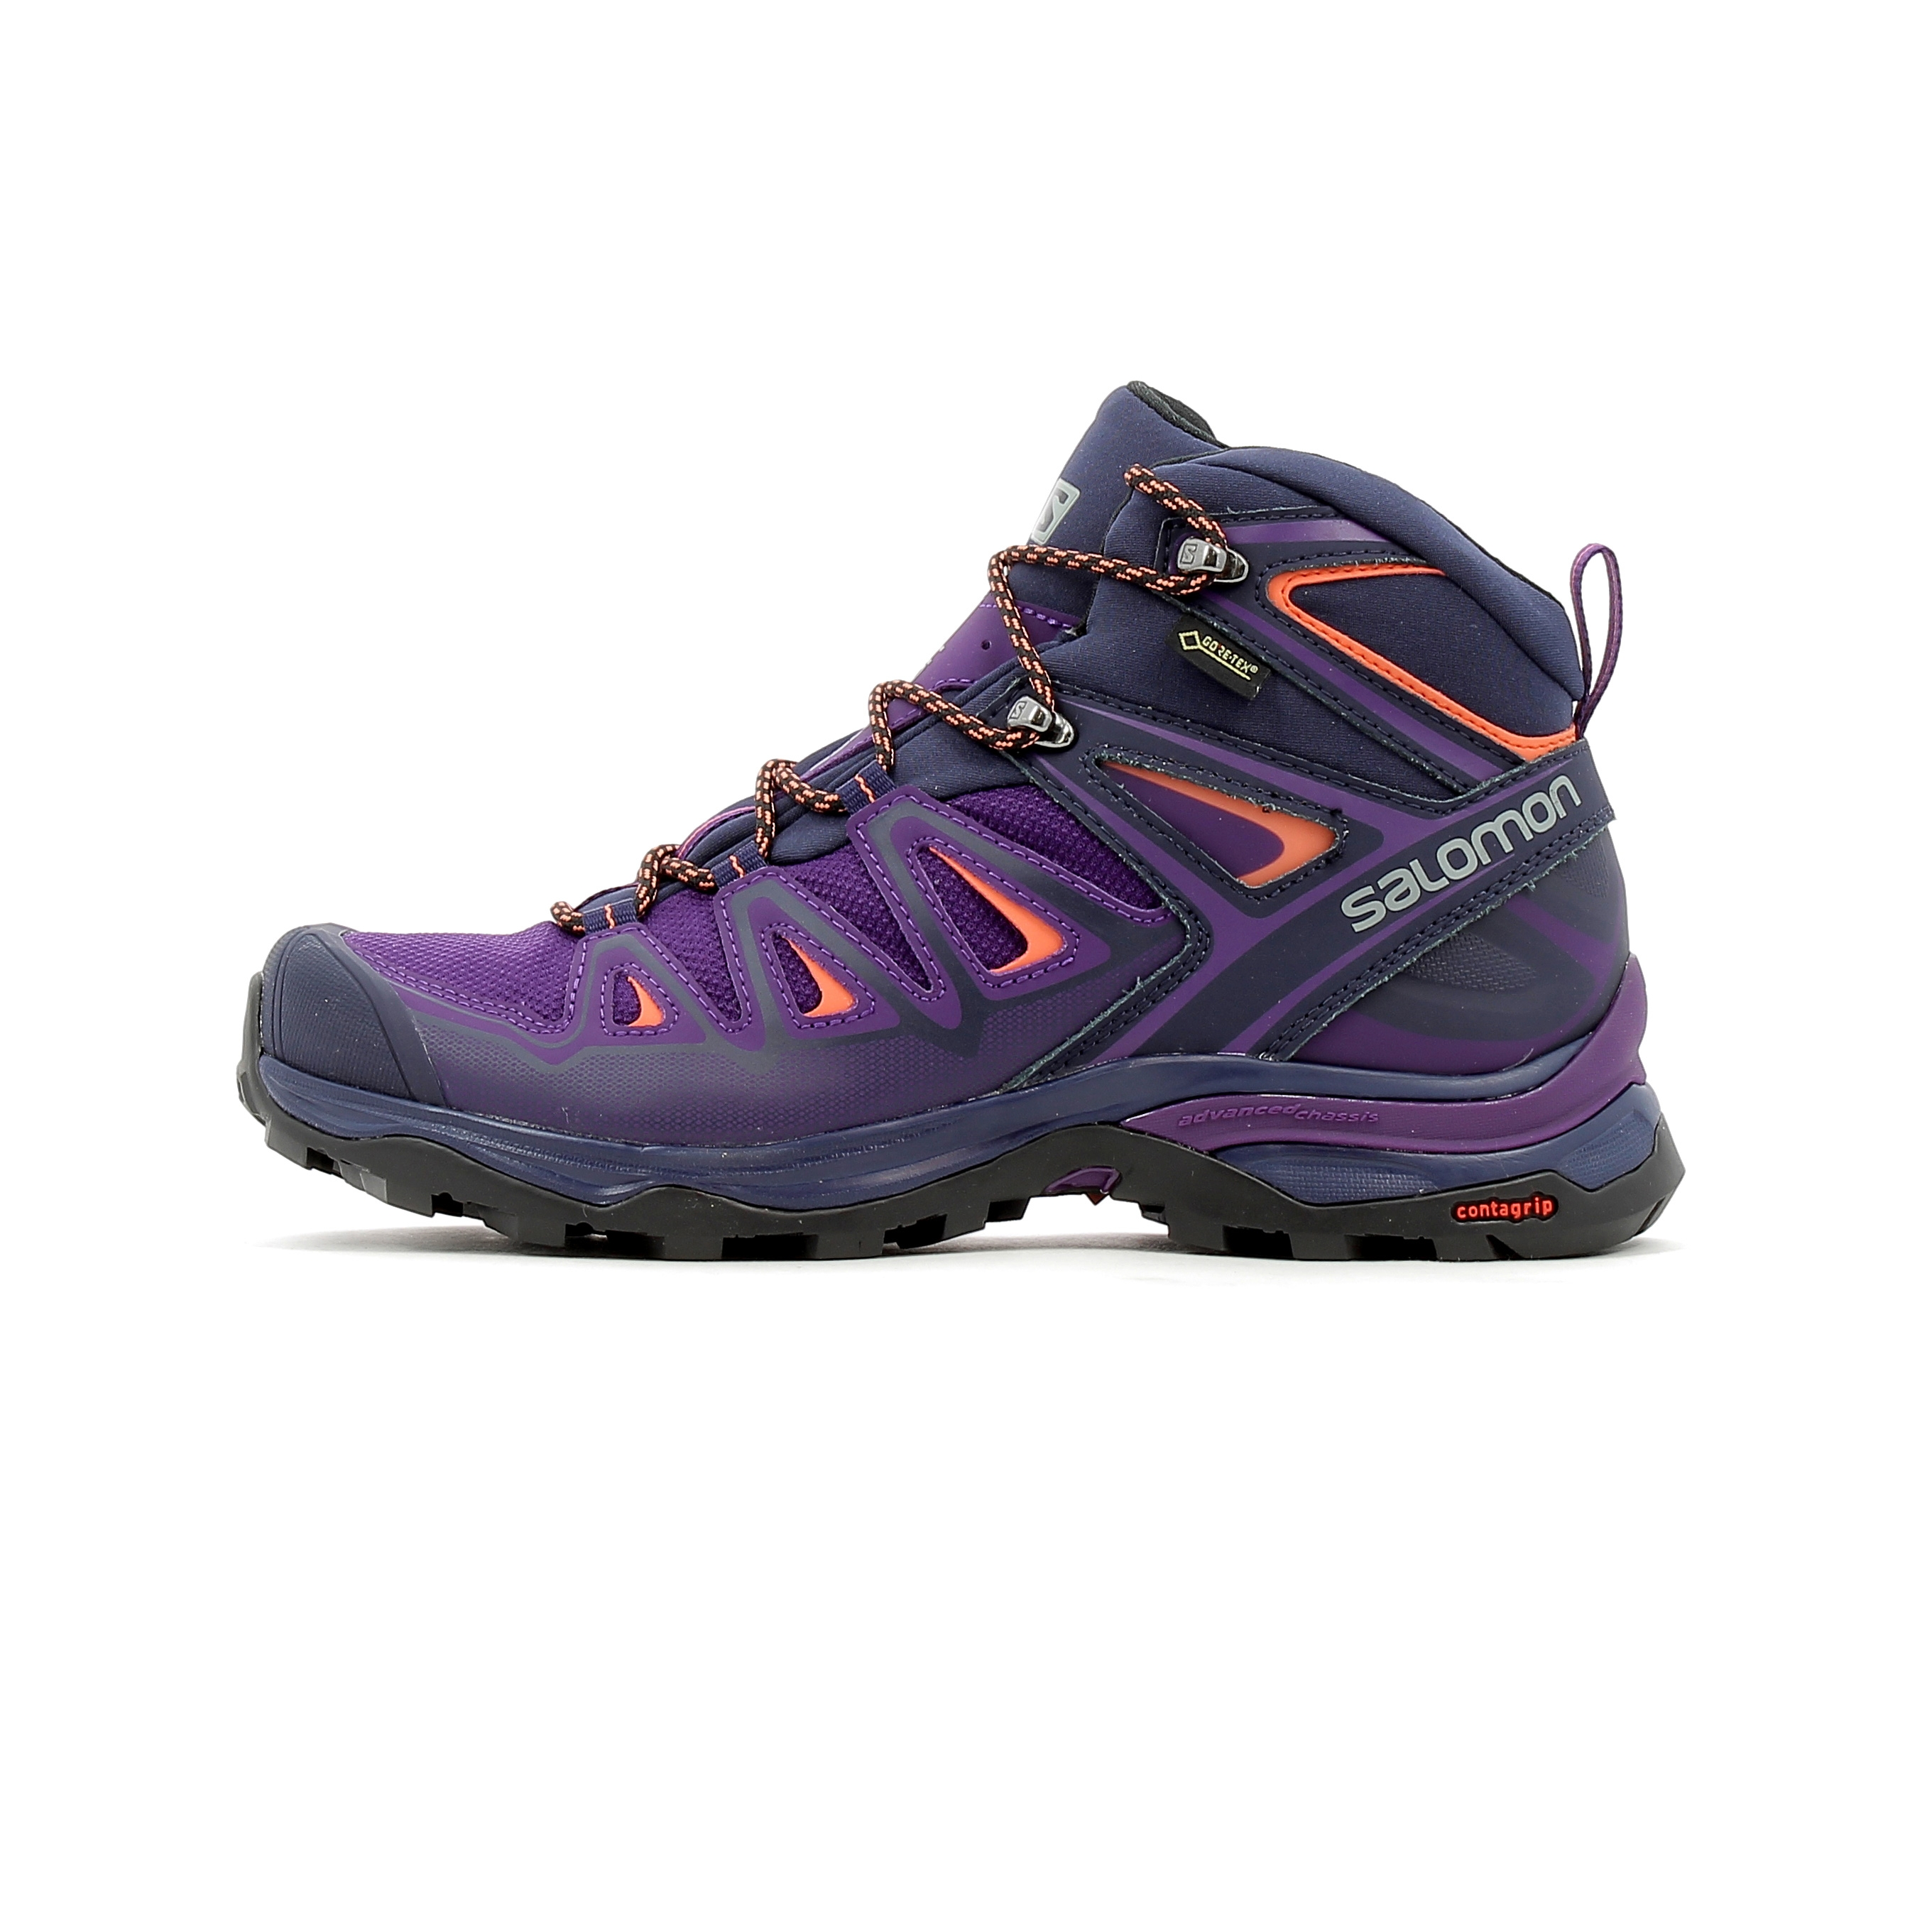 promo code 8c907 8070c Chaussures de randonnée femme Salomon X Ultra 3 Mid GTX W